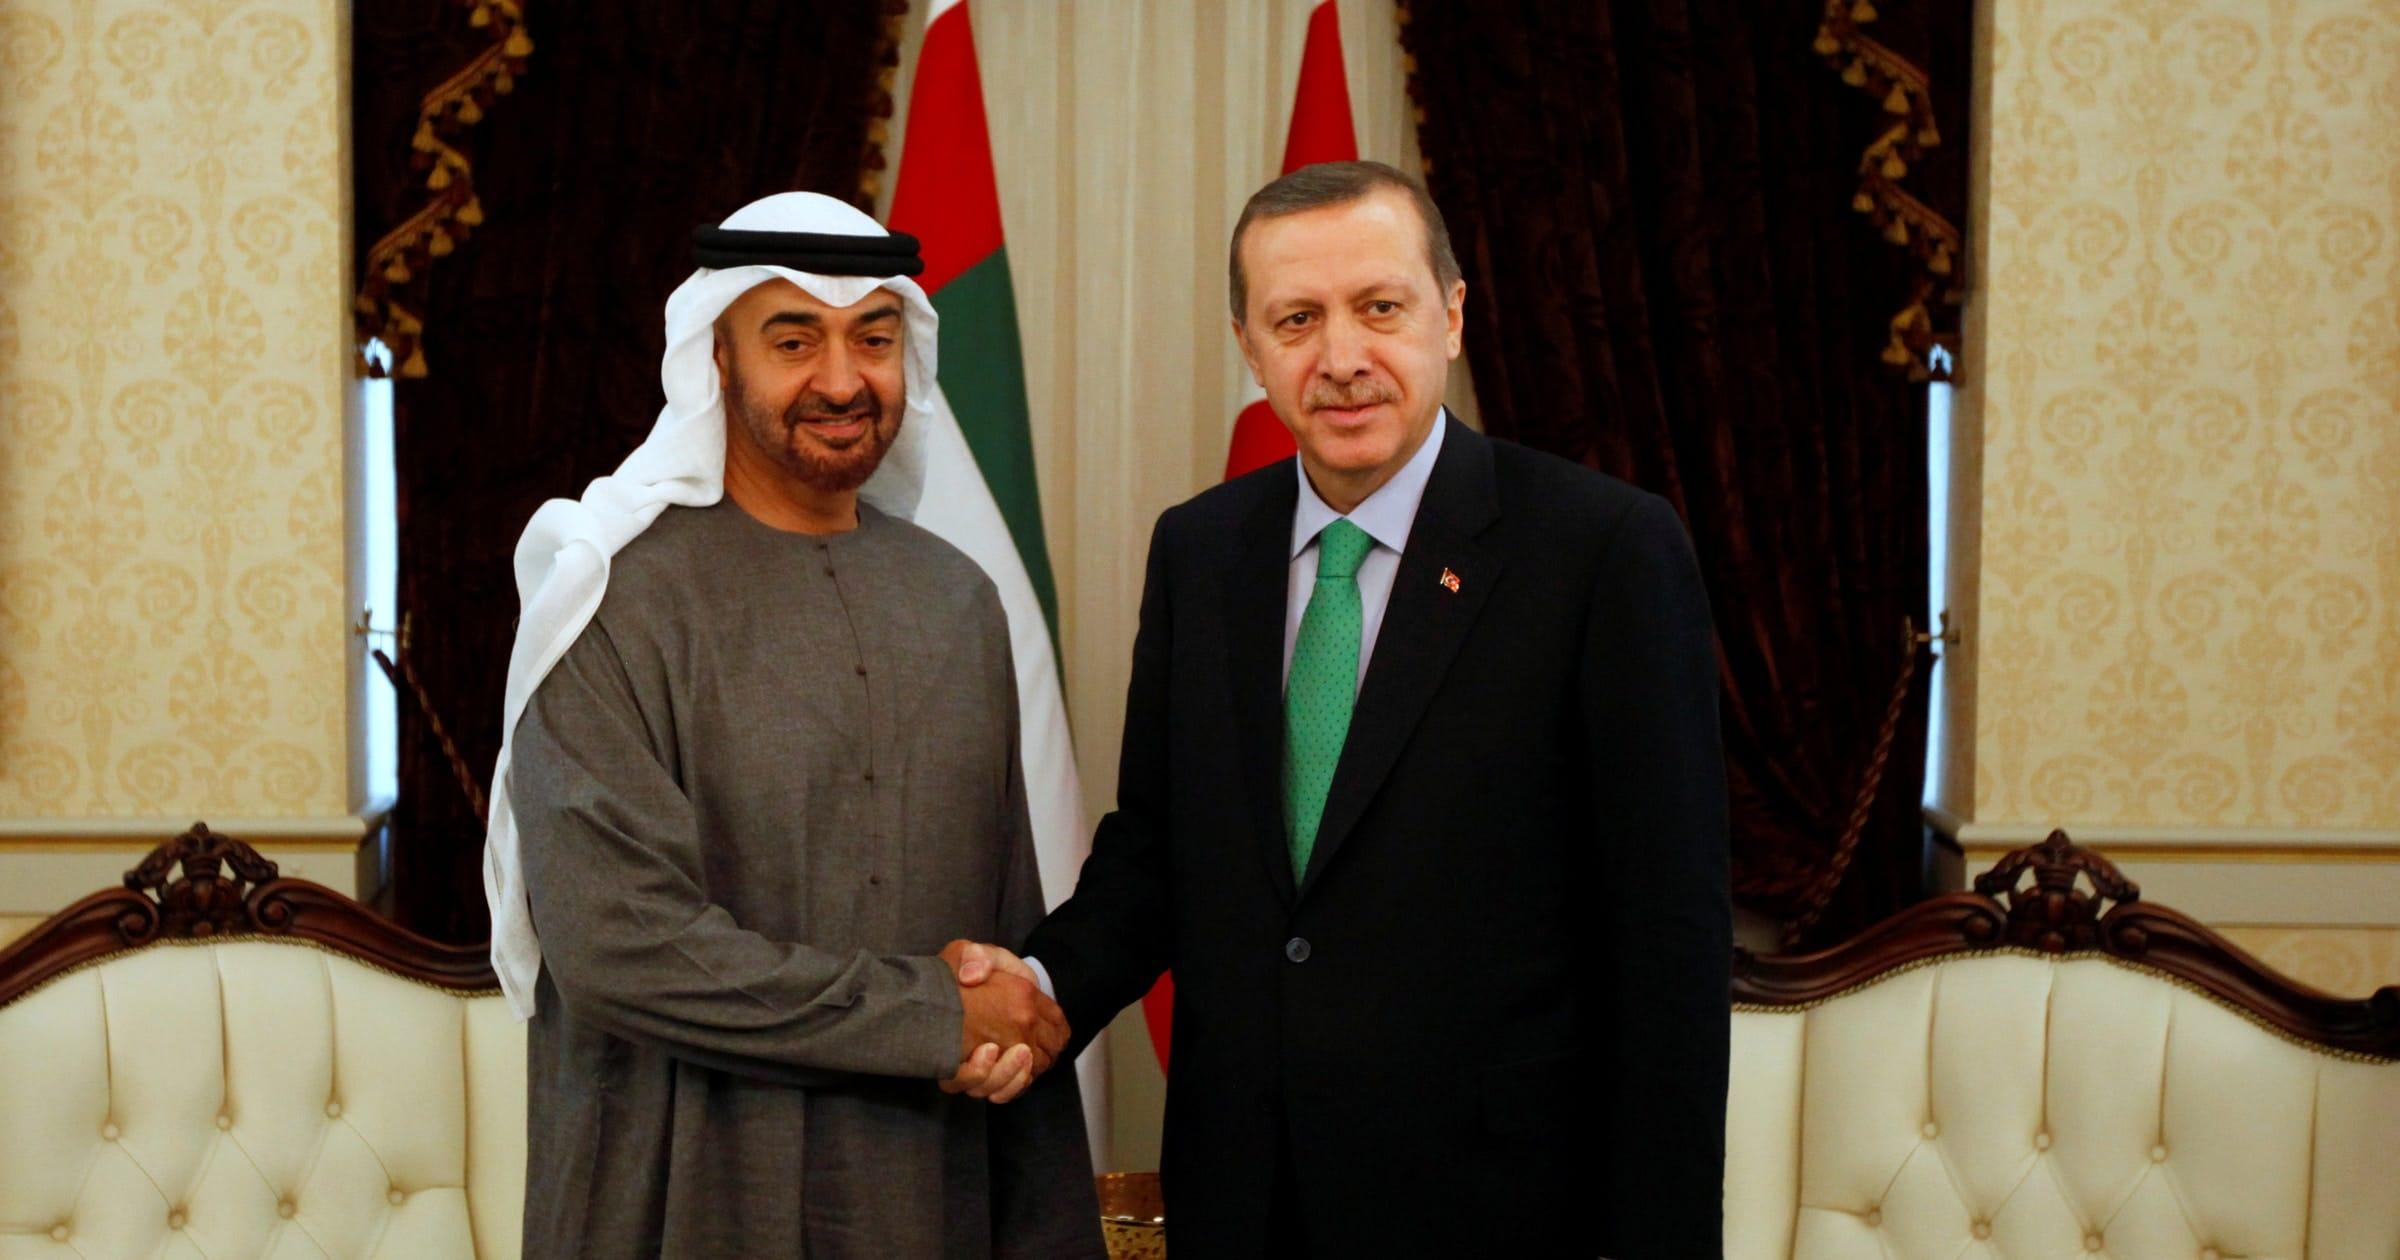 أنور قرقاش يكشف تفاصيل ما دار بين محمد بن زايد وأردوغان بعد سنوات من القطيعة